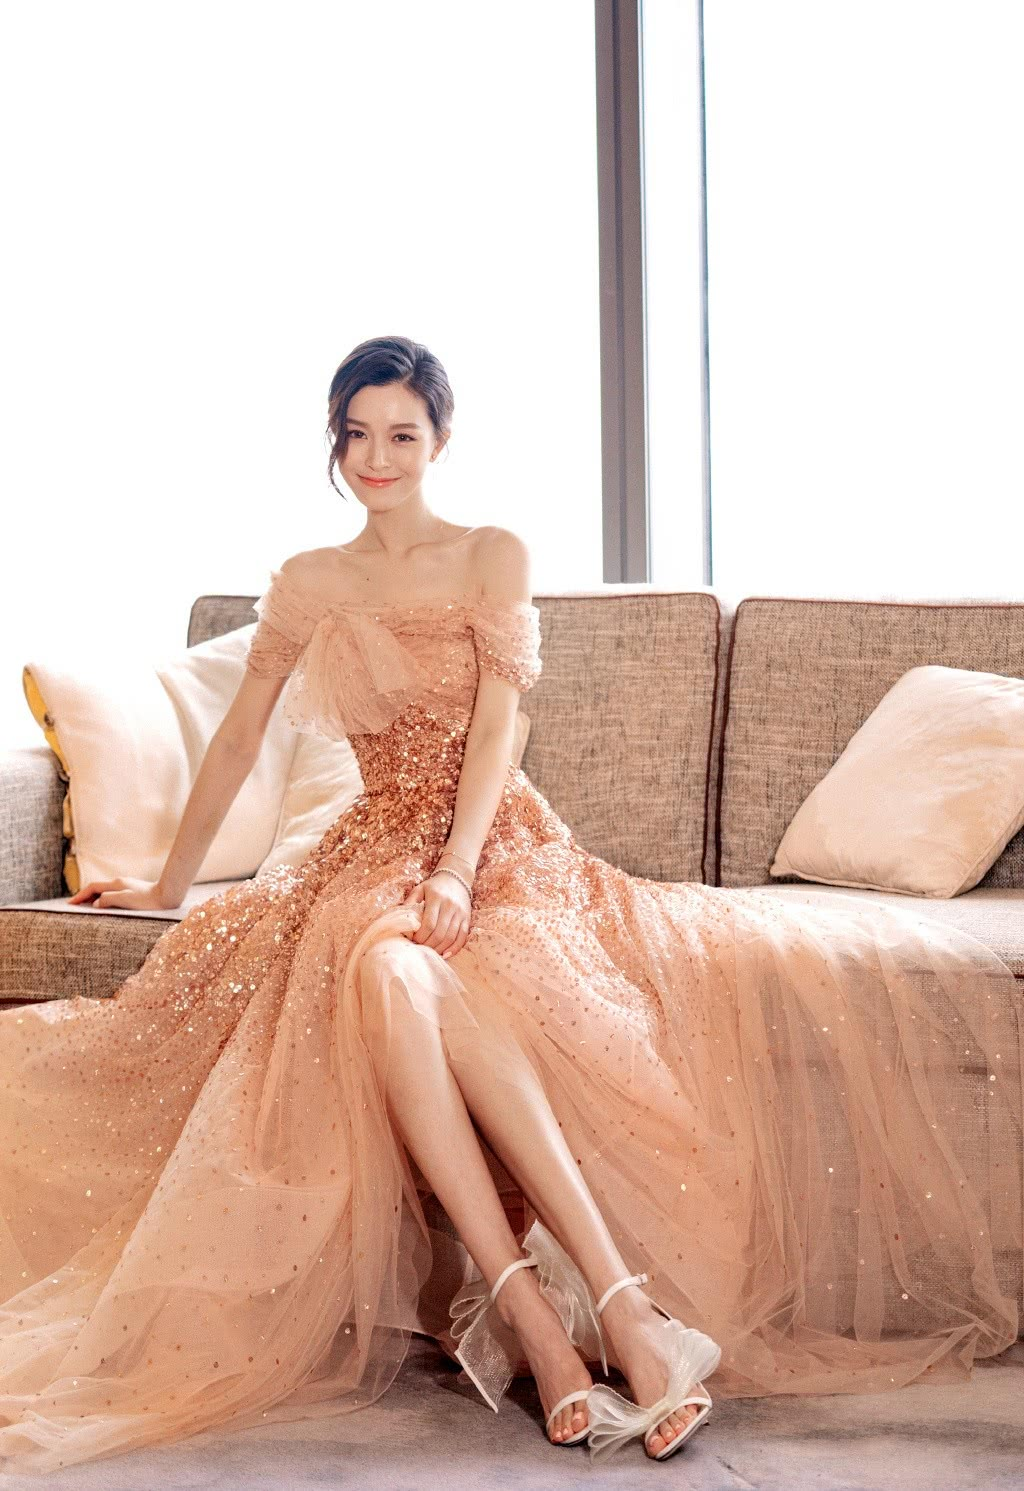 文咏珊穿亮片裸色长裙,秀紧致锁骨大长腿,对镜微笑美成大家闺秀